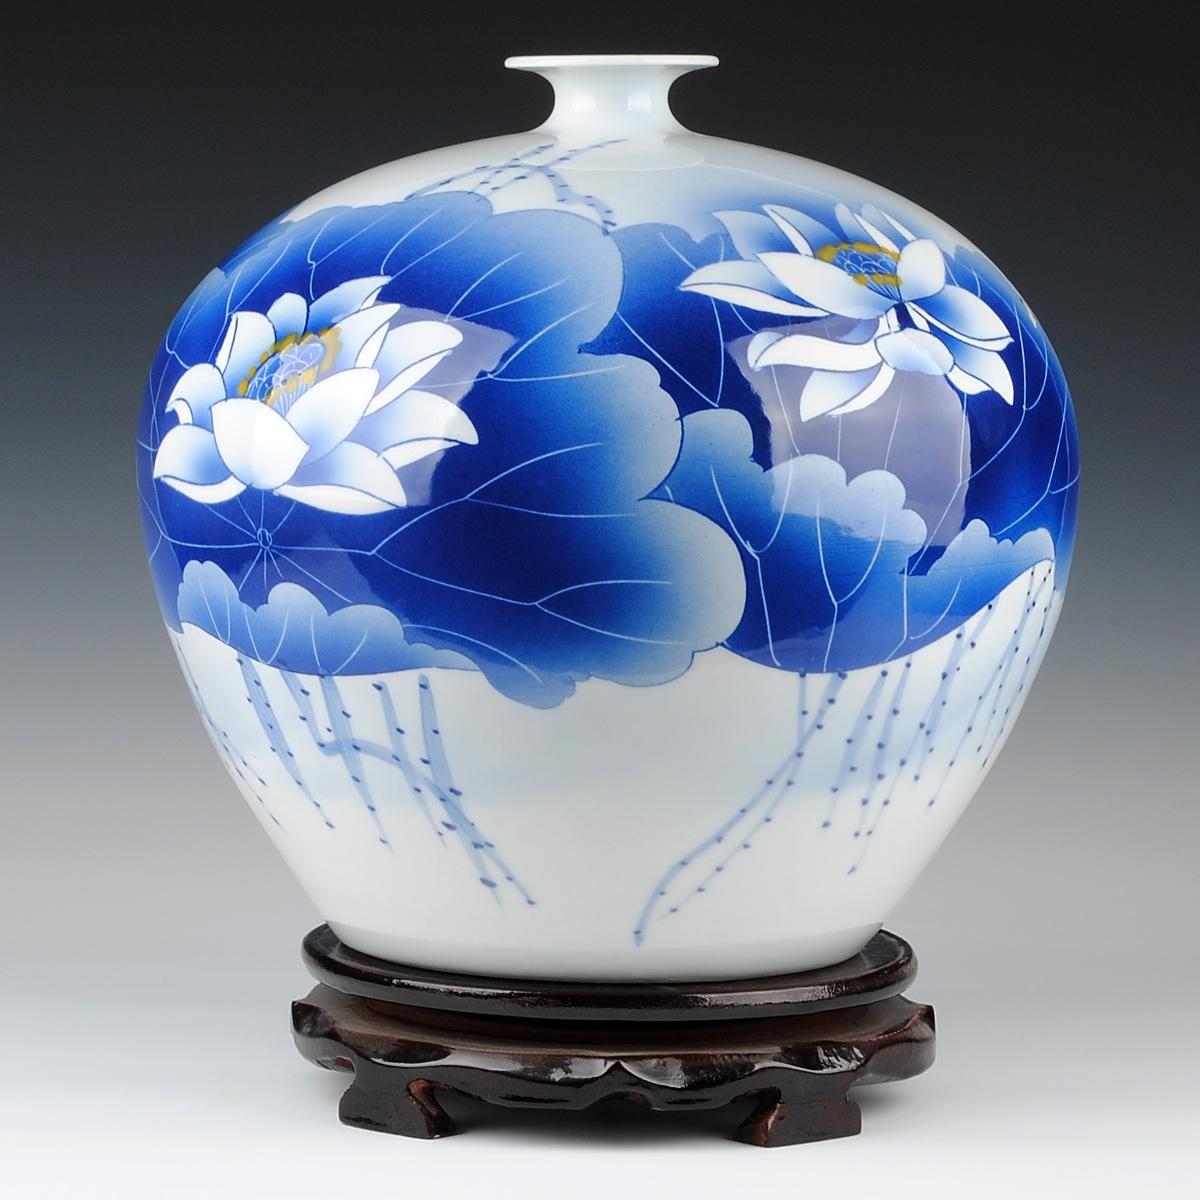 2019中国陶瓷品牌排行榜_中国陶瓷发展史